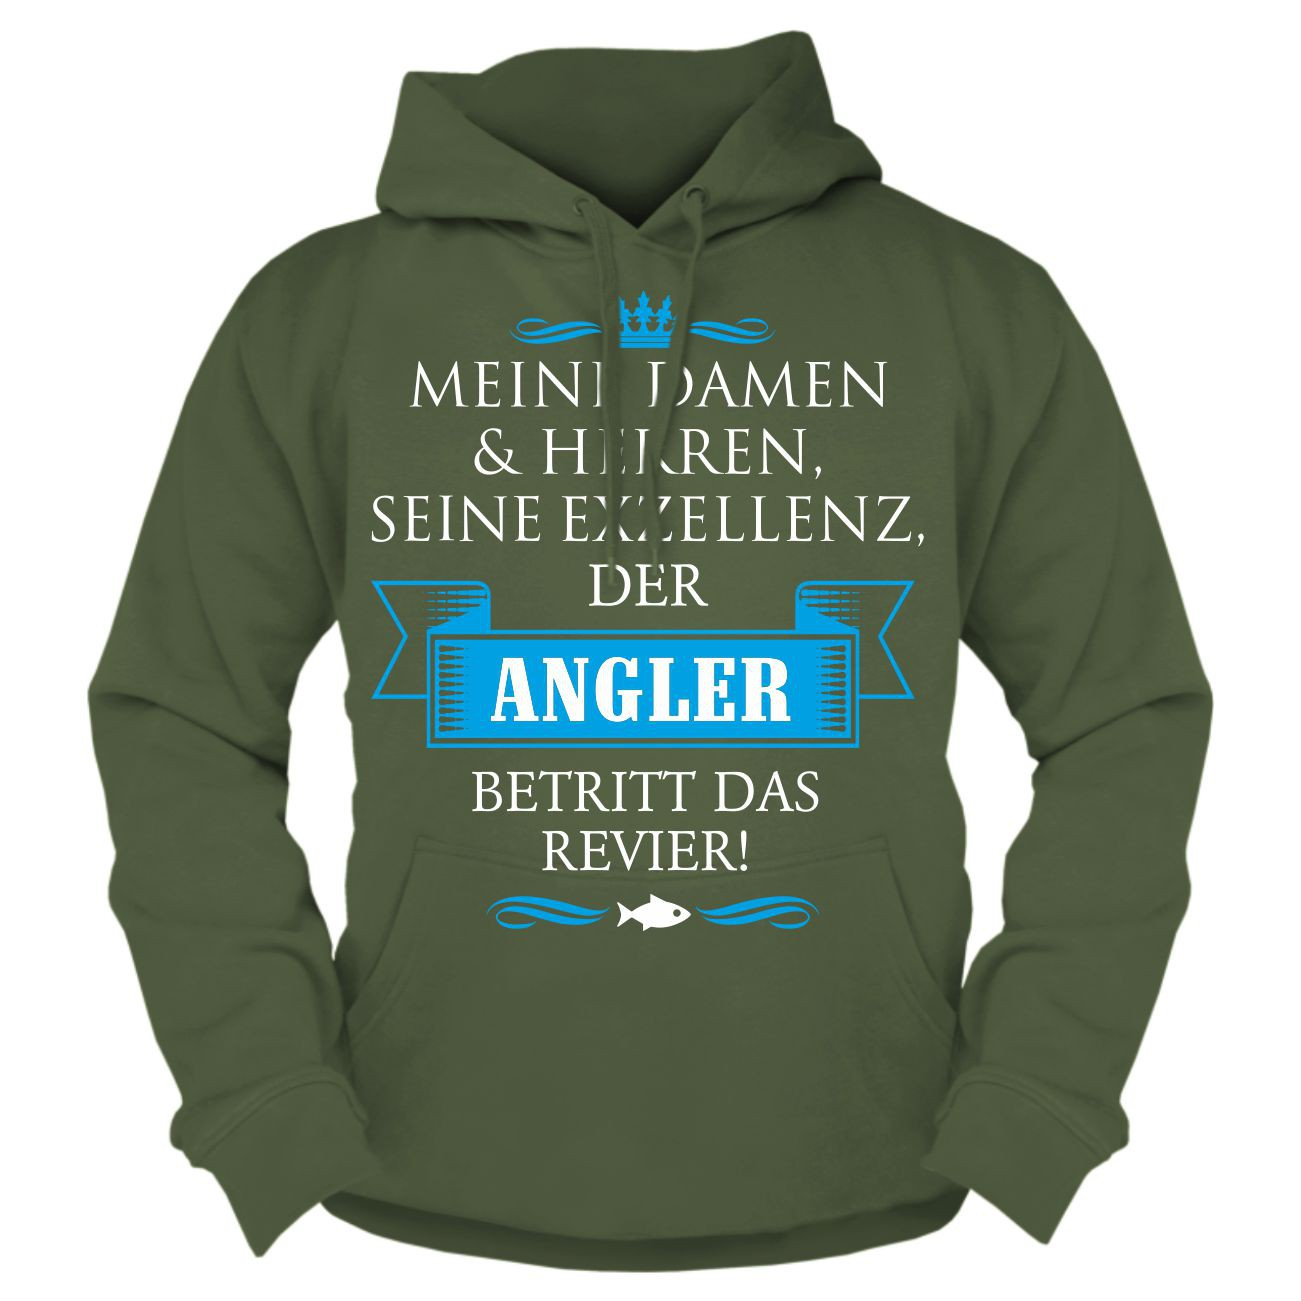 sprüche hoodies Kapuzenpullover Seine Exzellenz DER ANGLER Hoodie lustige Sprüche  sprüche hoodies